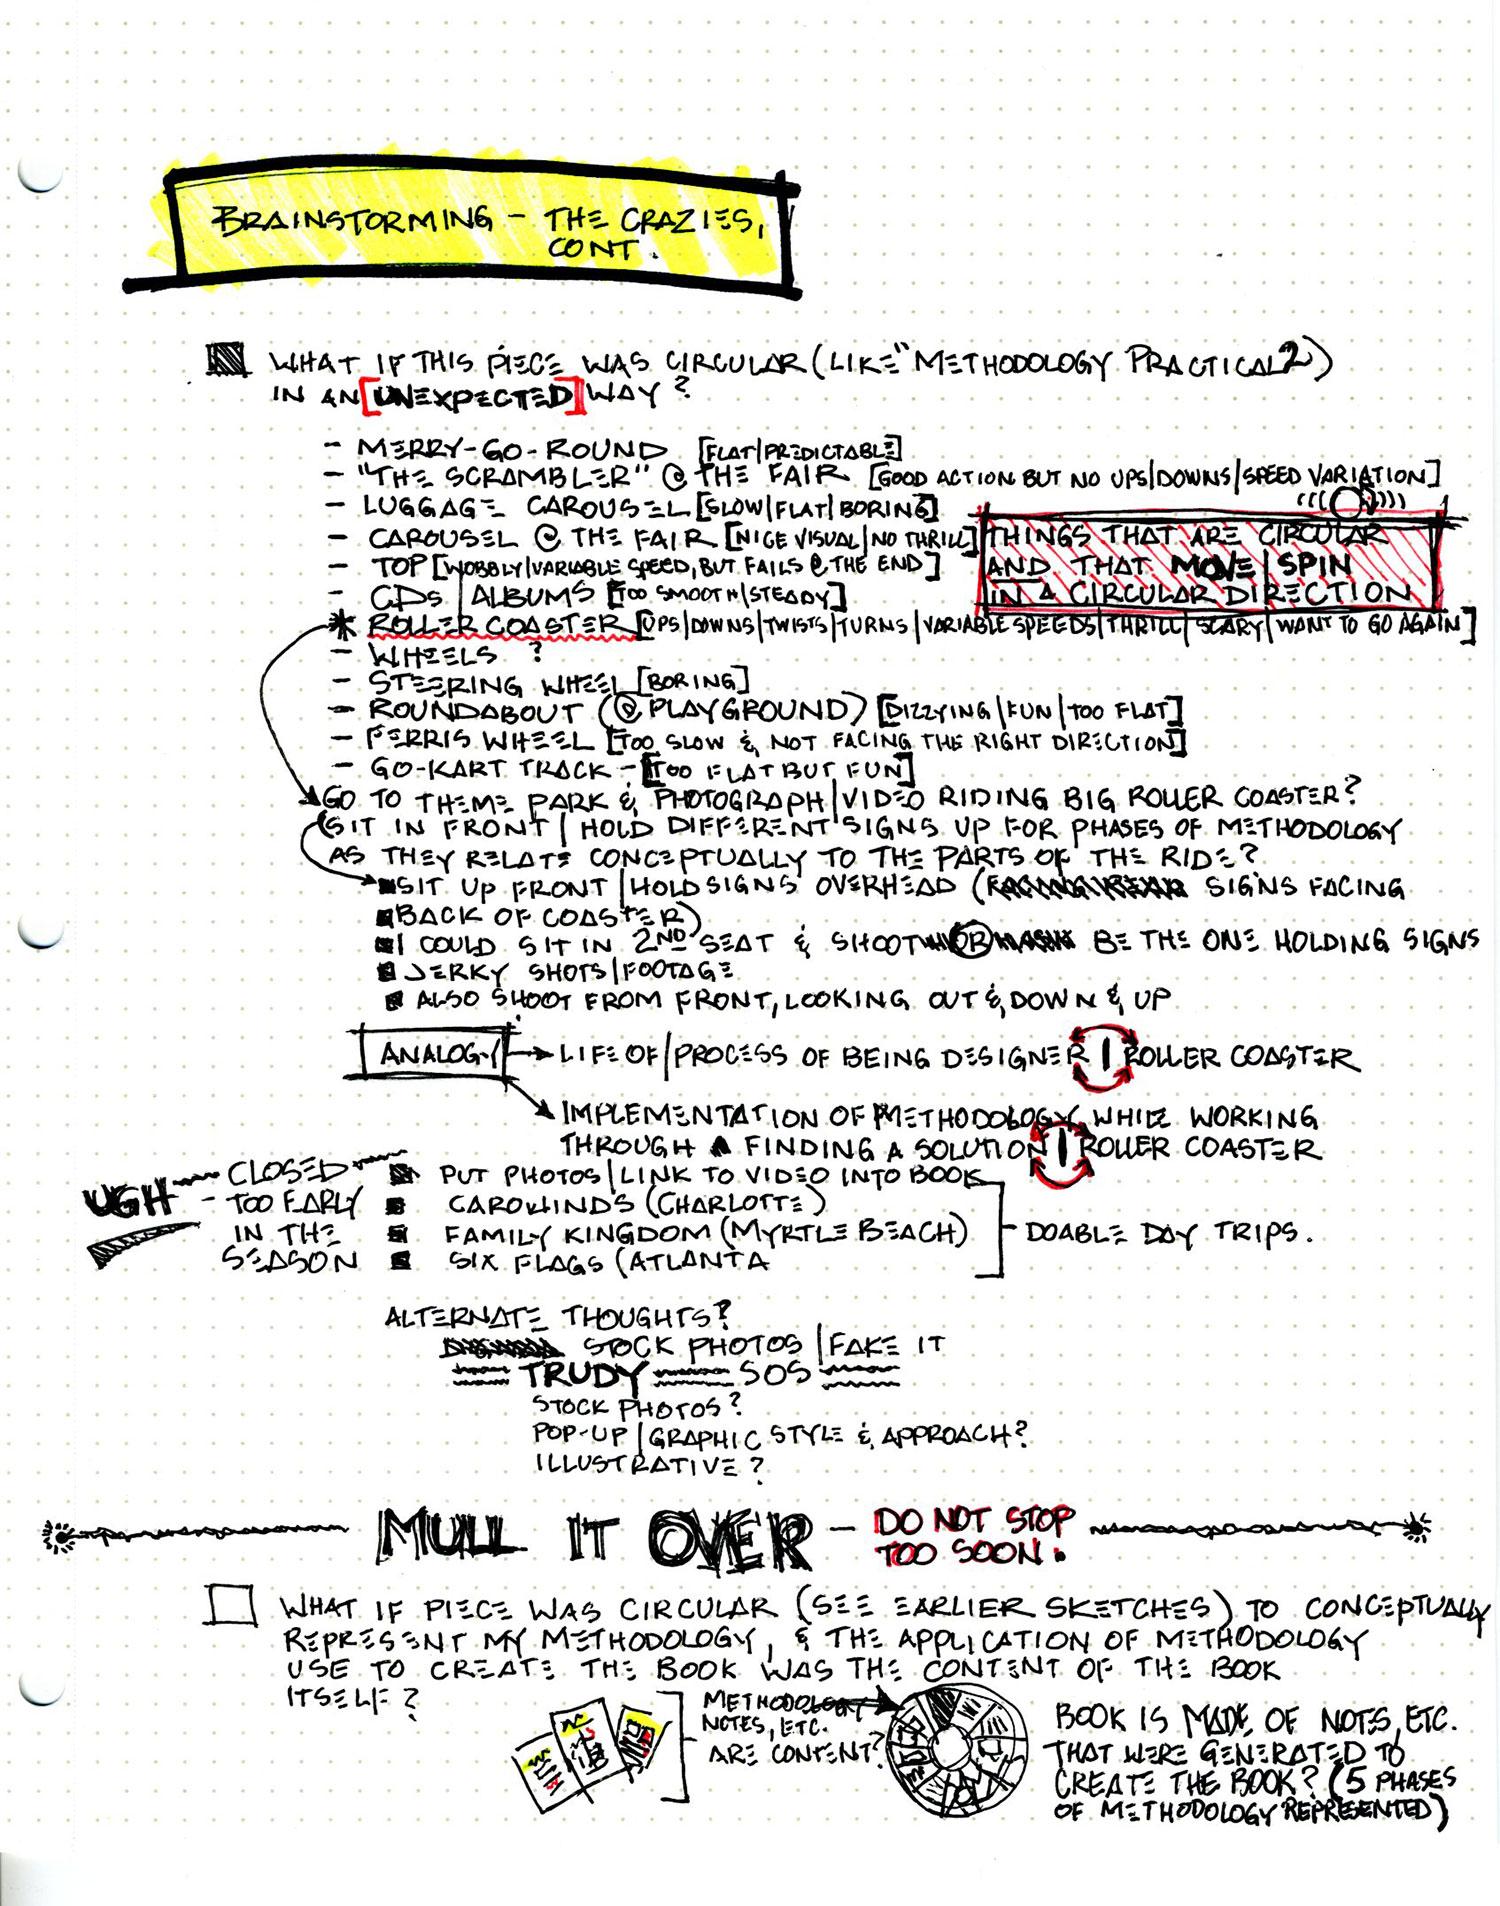 notes005.jpg